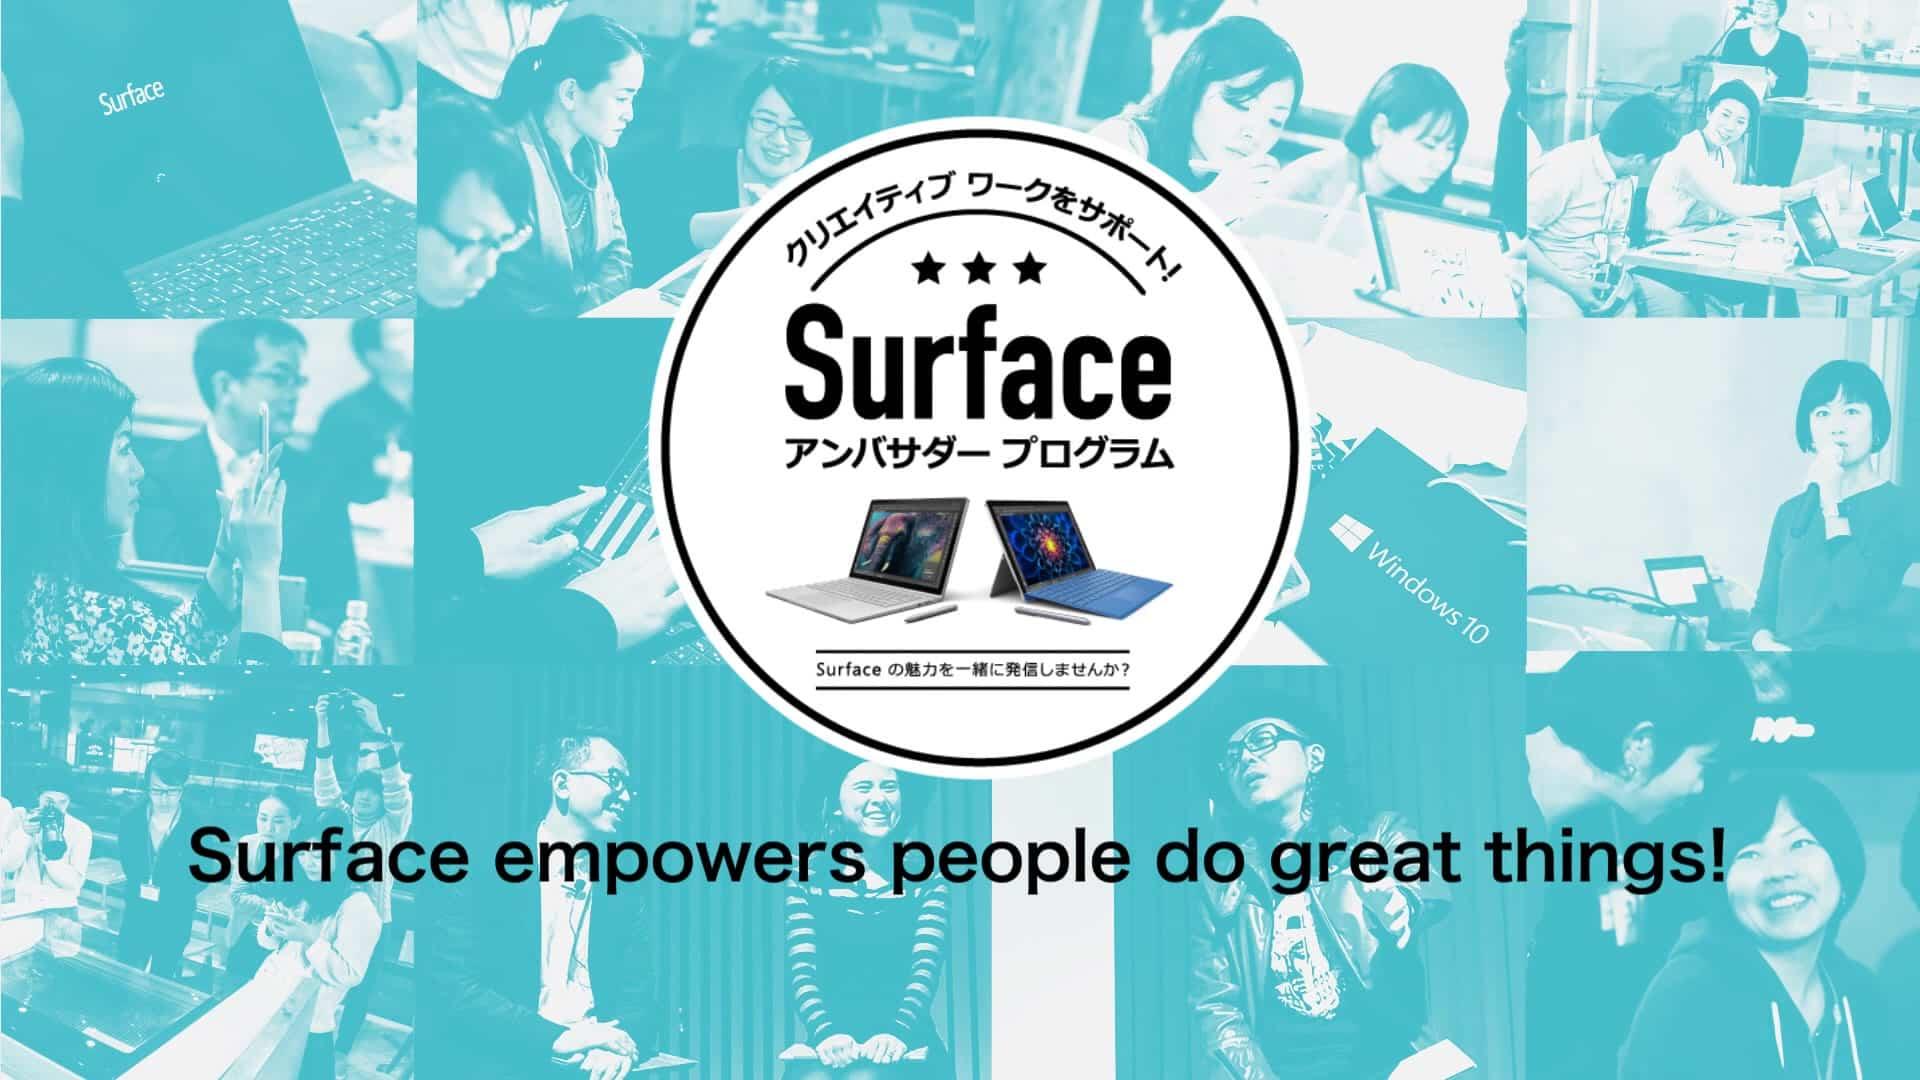 「Surfaceアンバサダープログラム」の映像を制作いたしました。